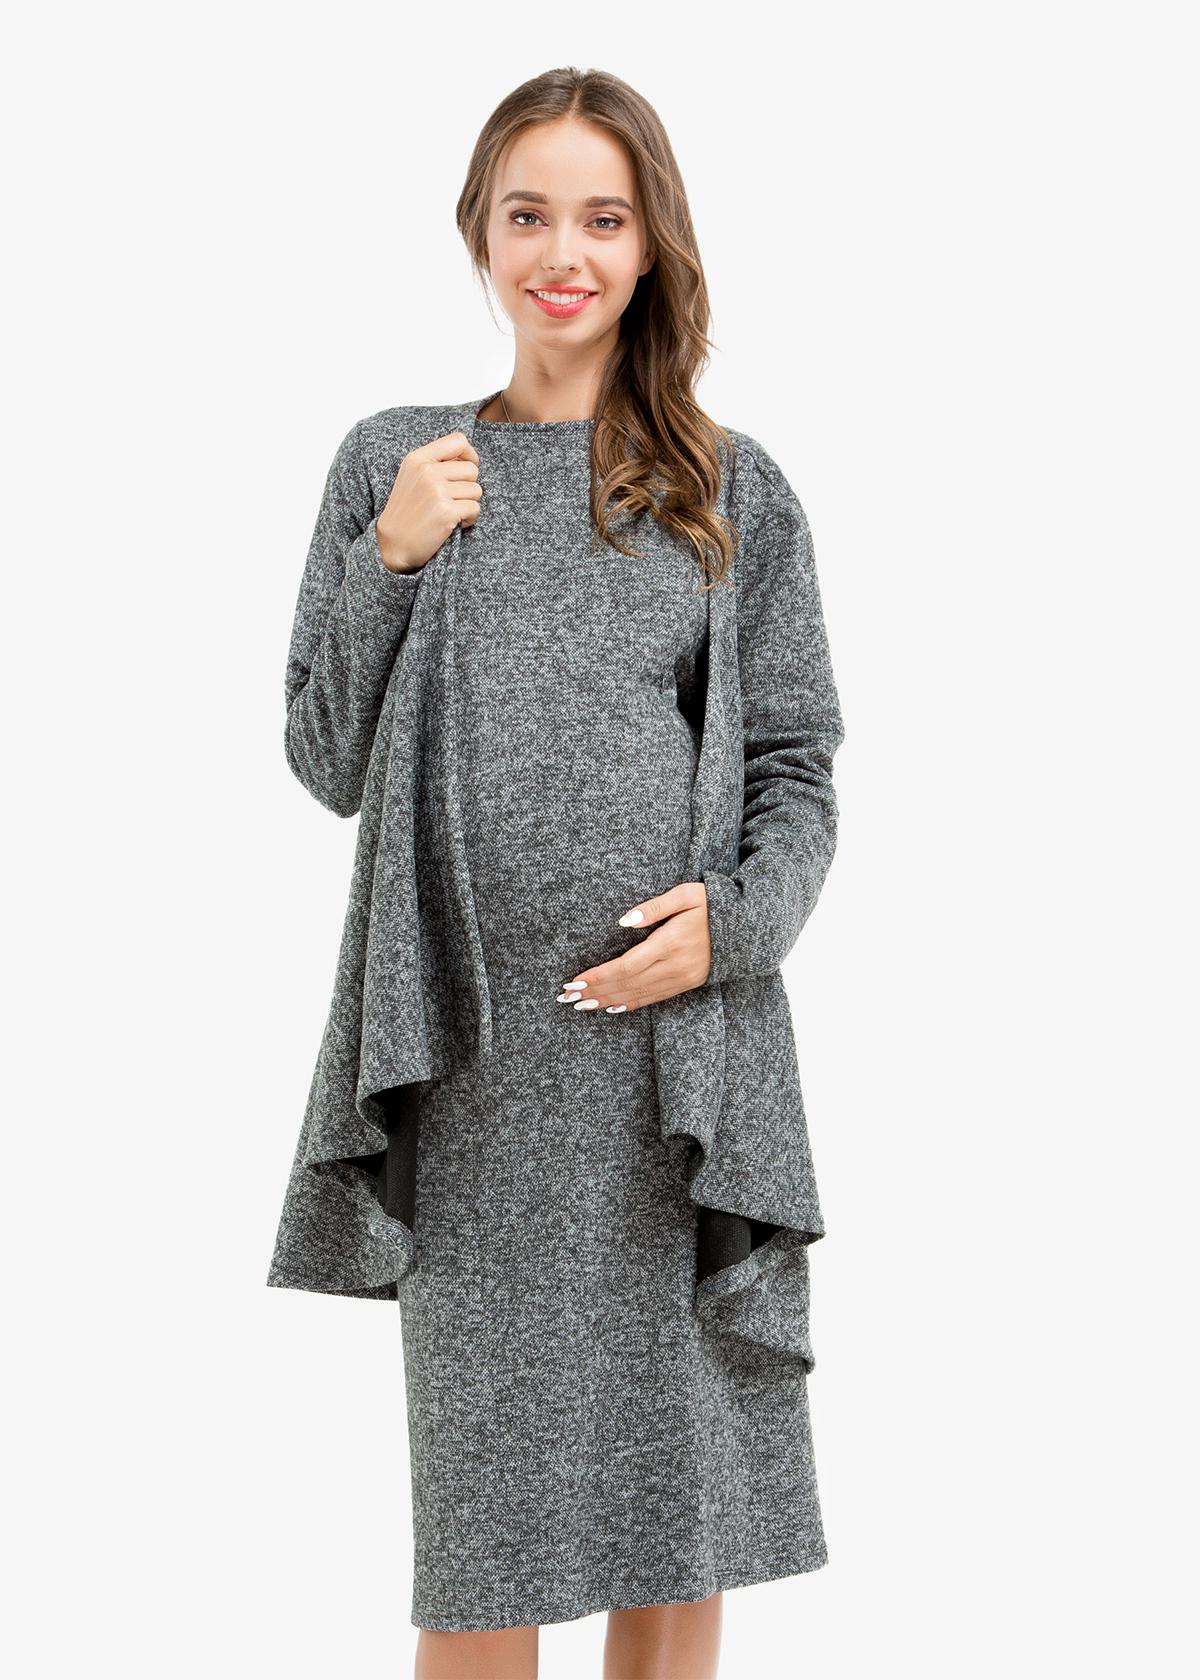 Фото: Прямое платье Femine для беременных 2